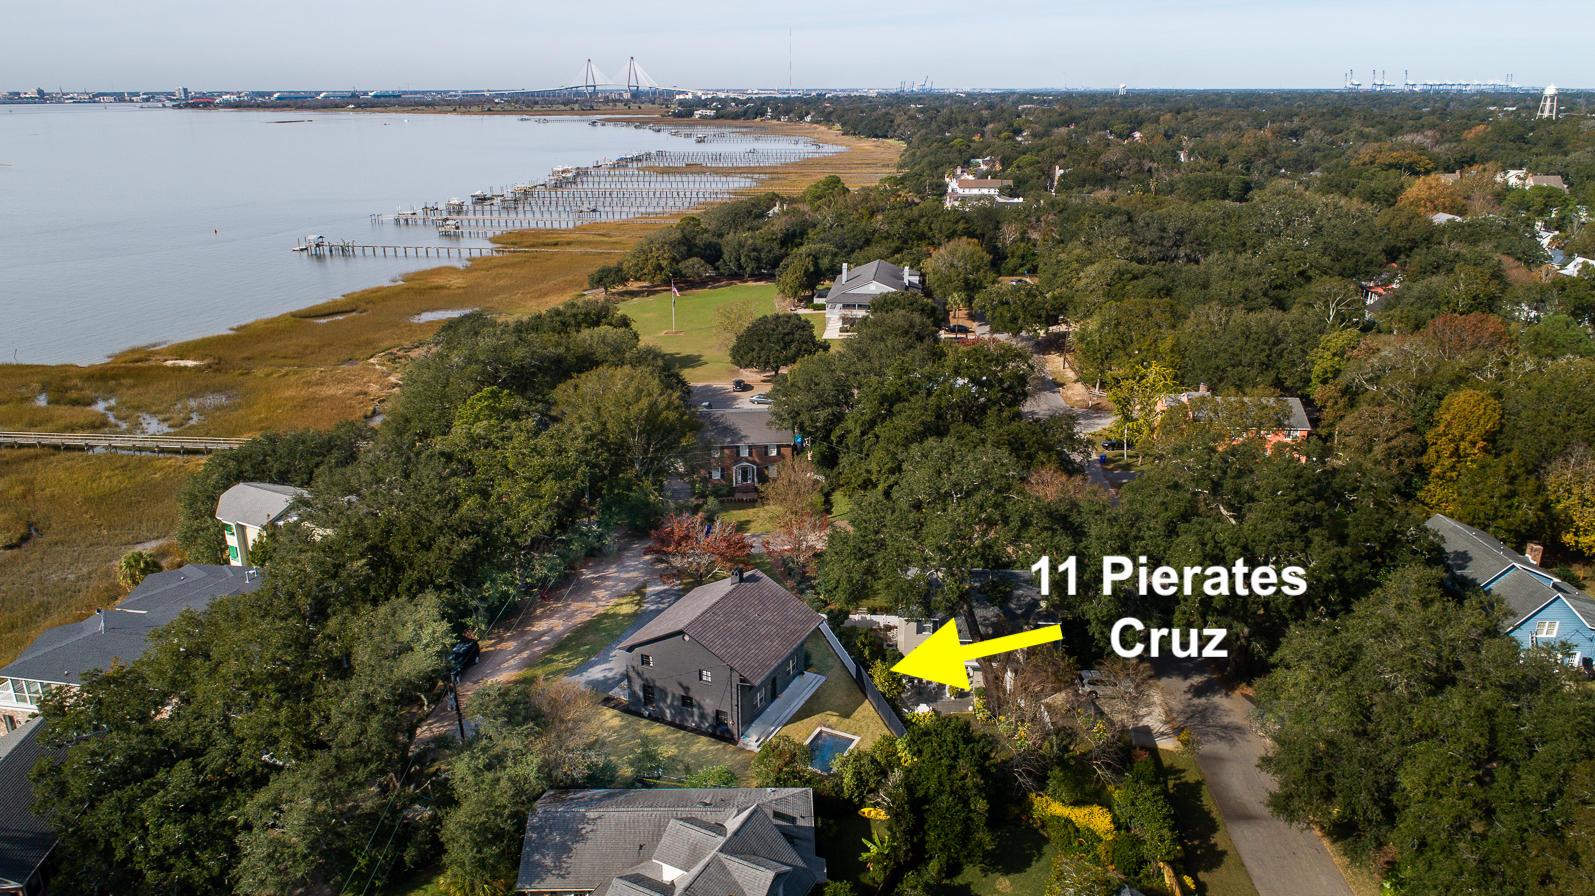 11 Pierates Cruz Mount Pleasant, SC 29464